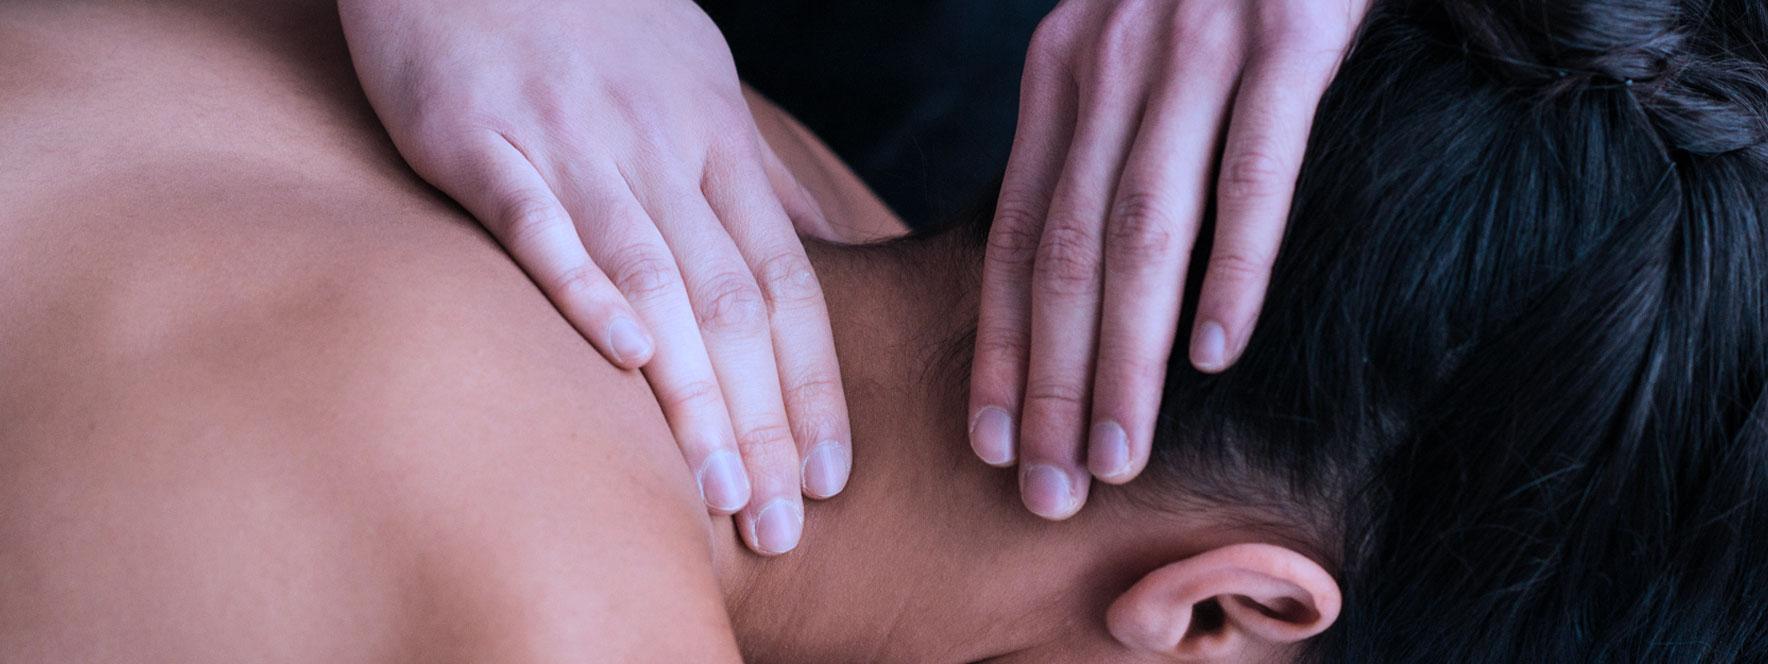 Les symptômes et causes de la cervicobrachialgie - Blogue du Réseau